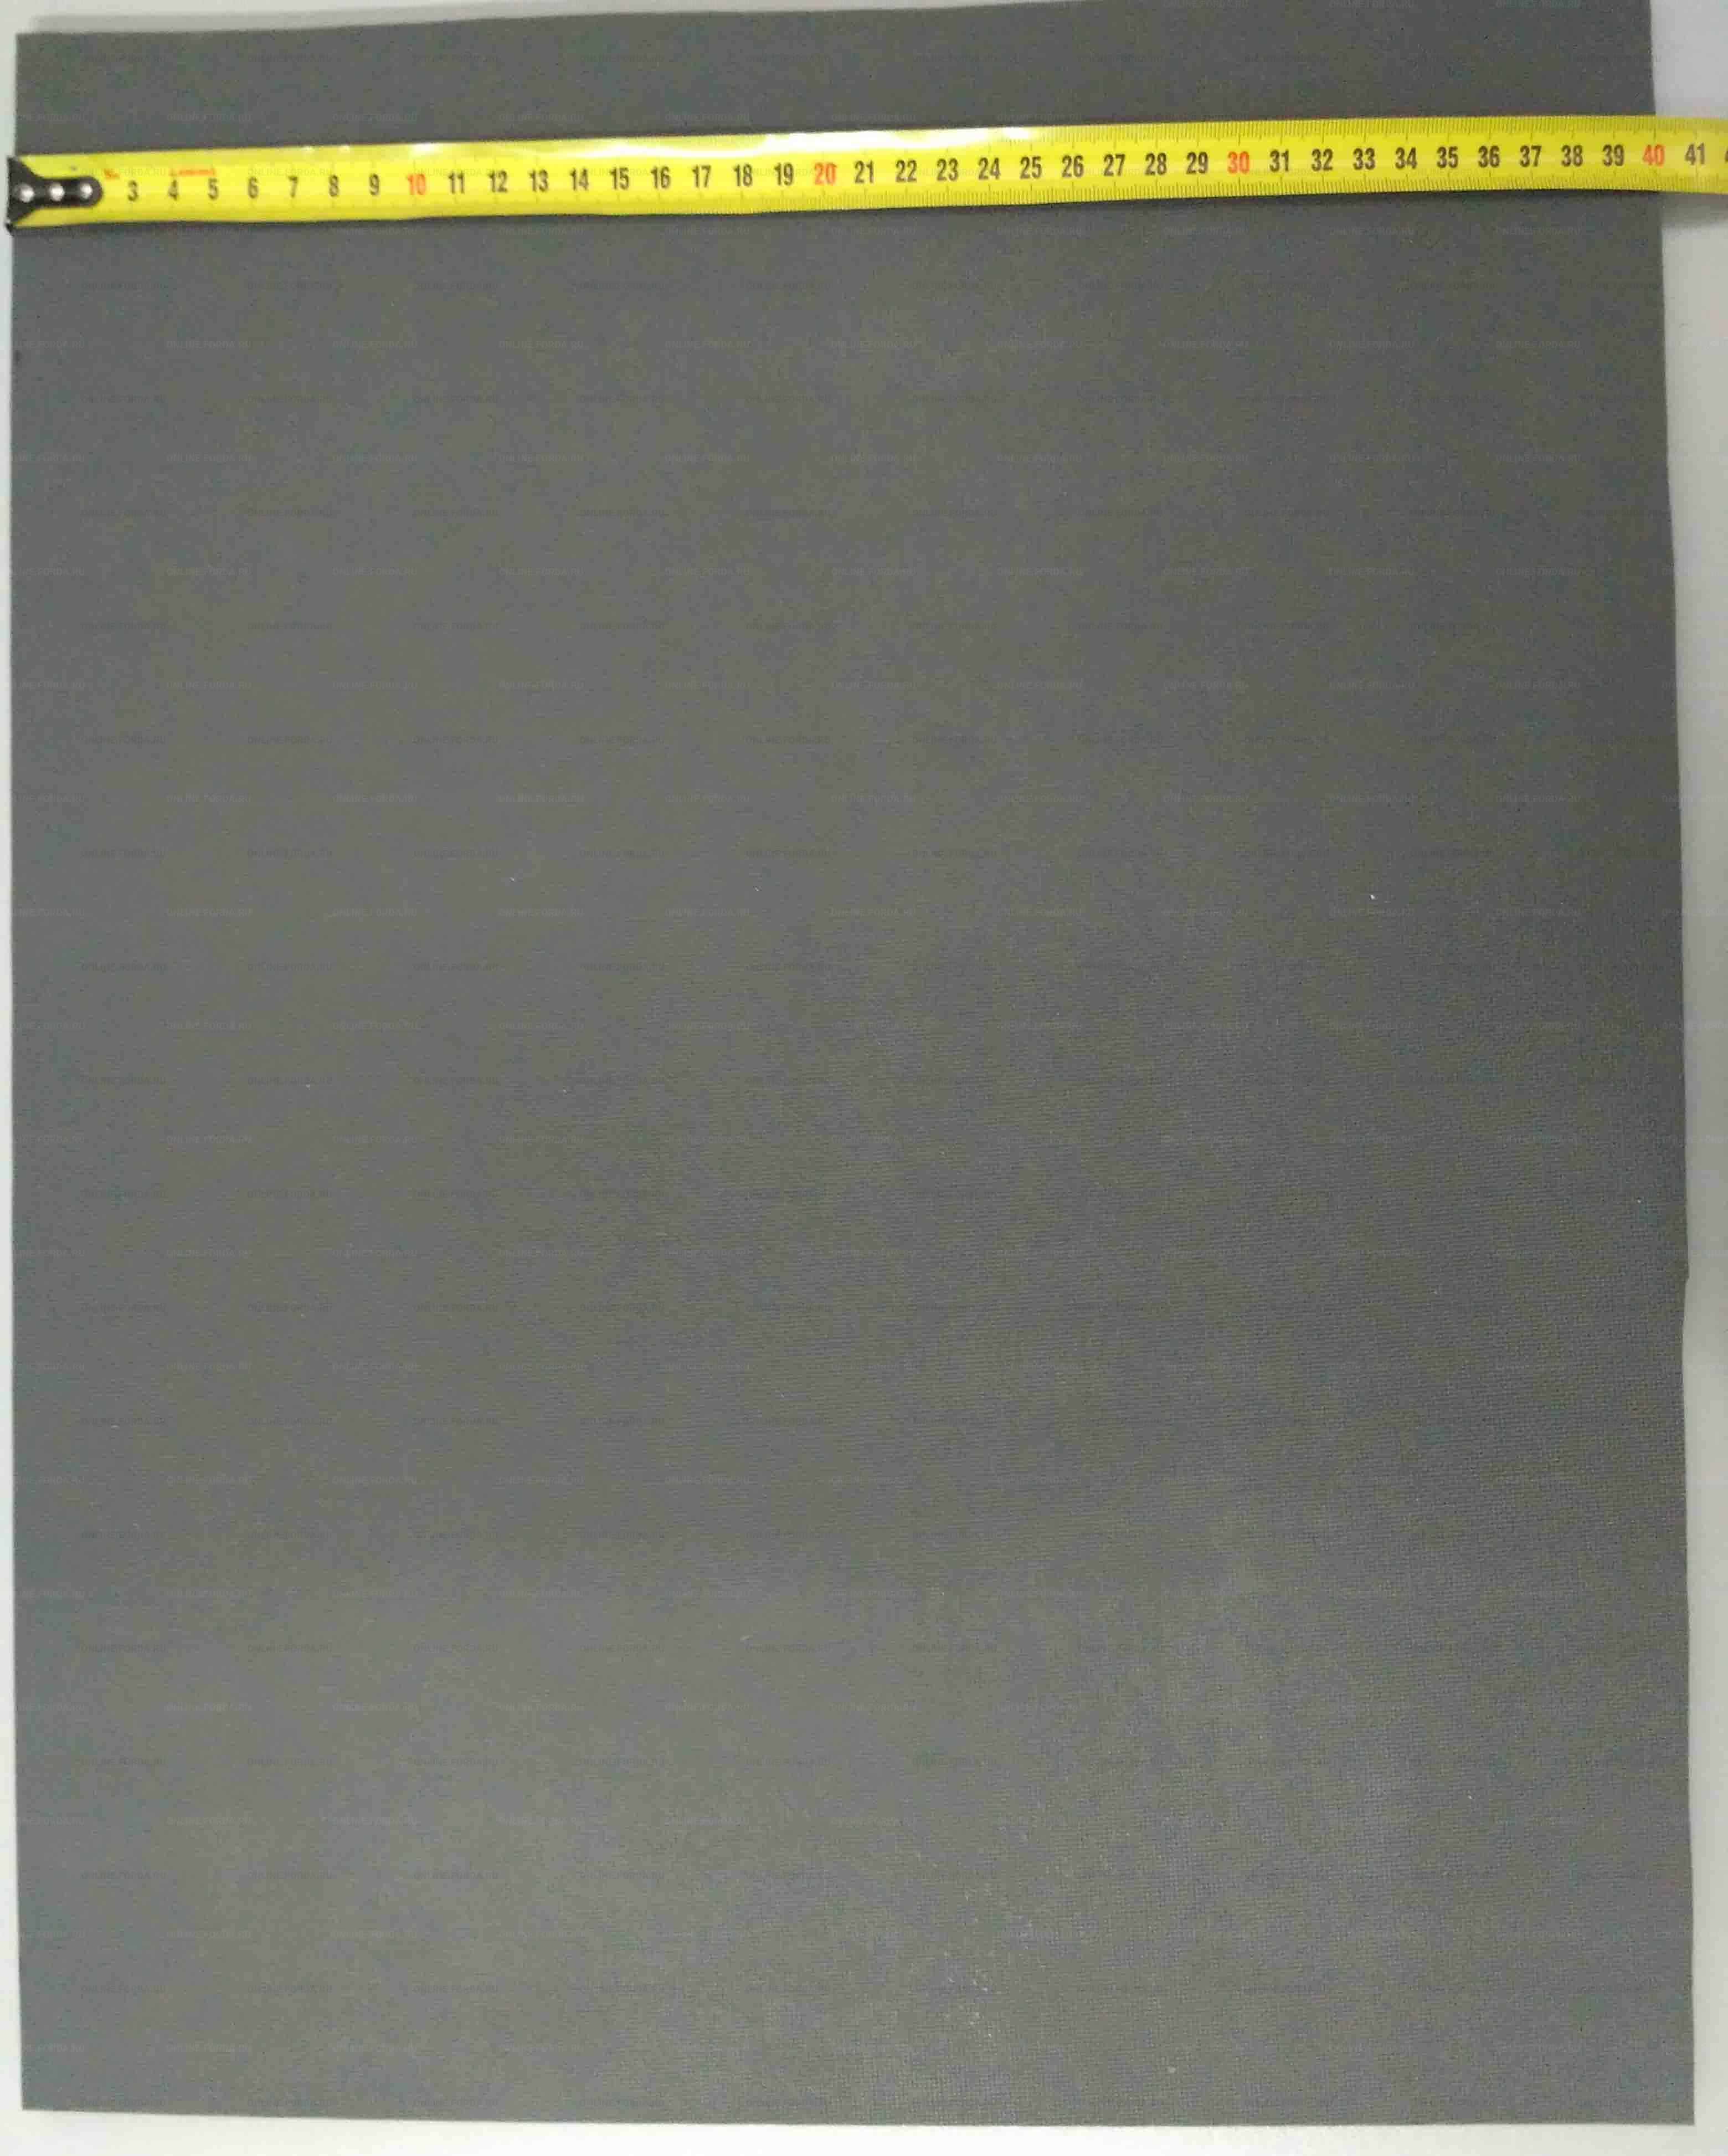 Резиновый коврик к термопрессу, 51*40см